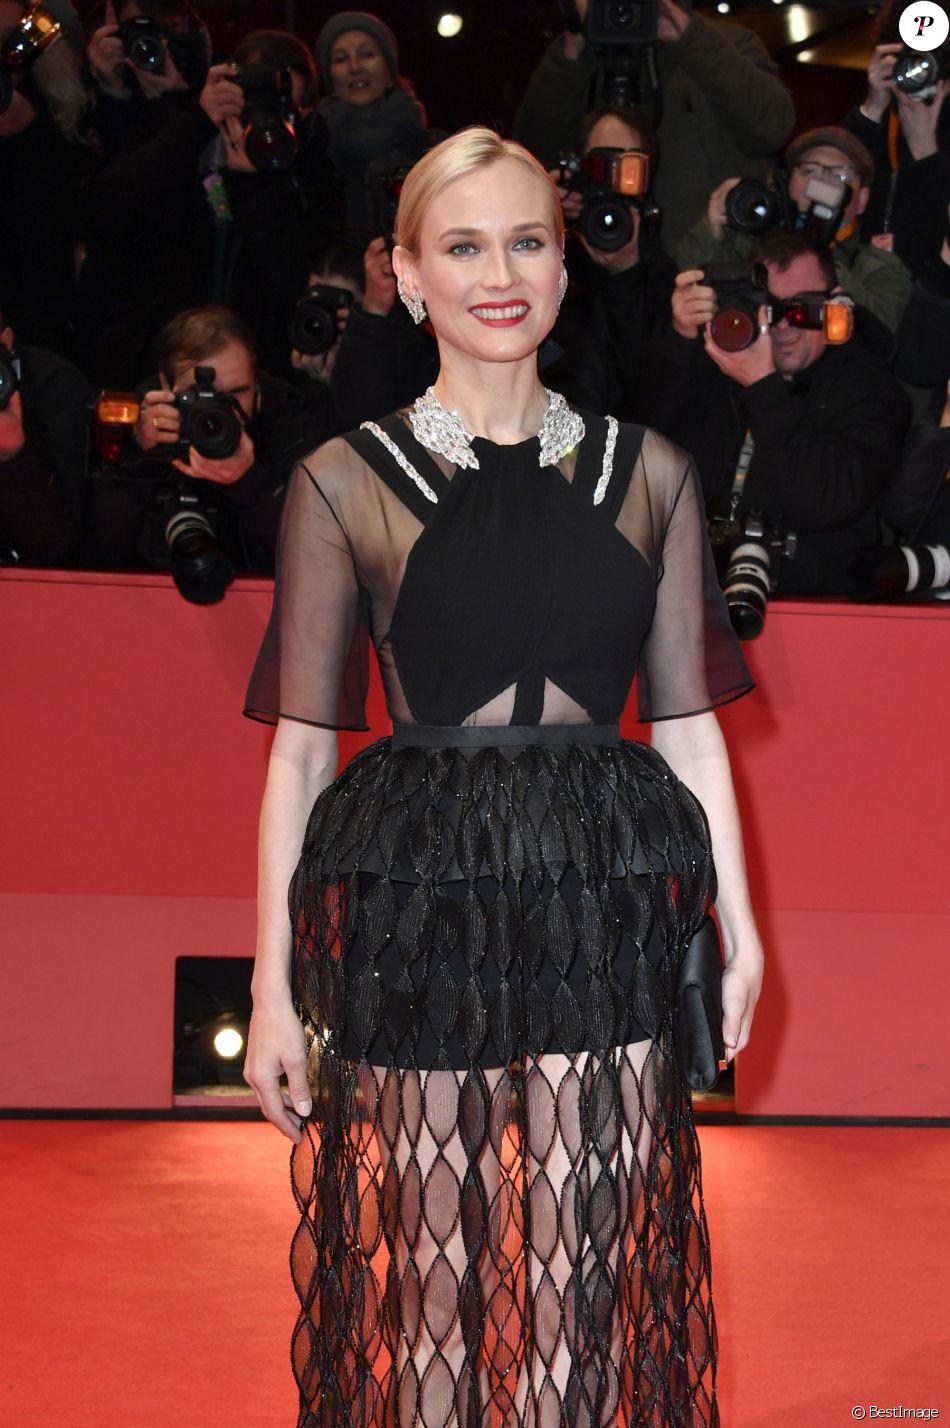 """Diane Kruger (tenue Givenchy) - Première du film """"The Operative"""" lors du 69ème Festival International du Film de Berlin, La Berlinale. Le 10 février 2019 10/02/2019 - Berlin"""